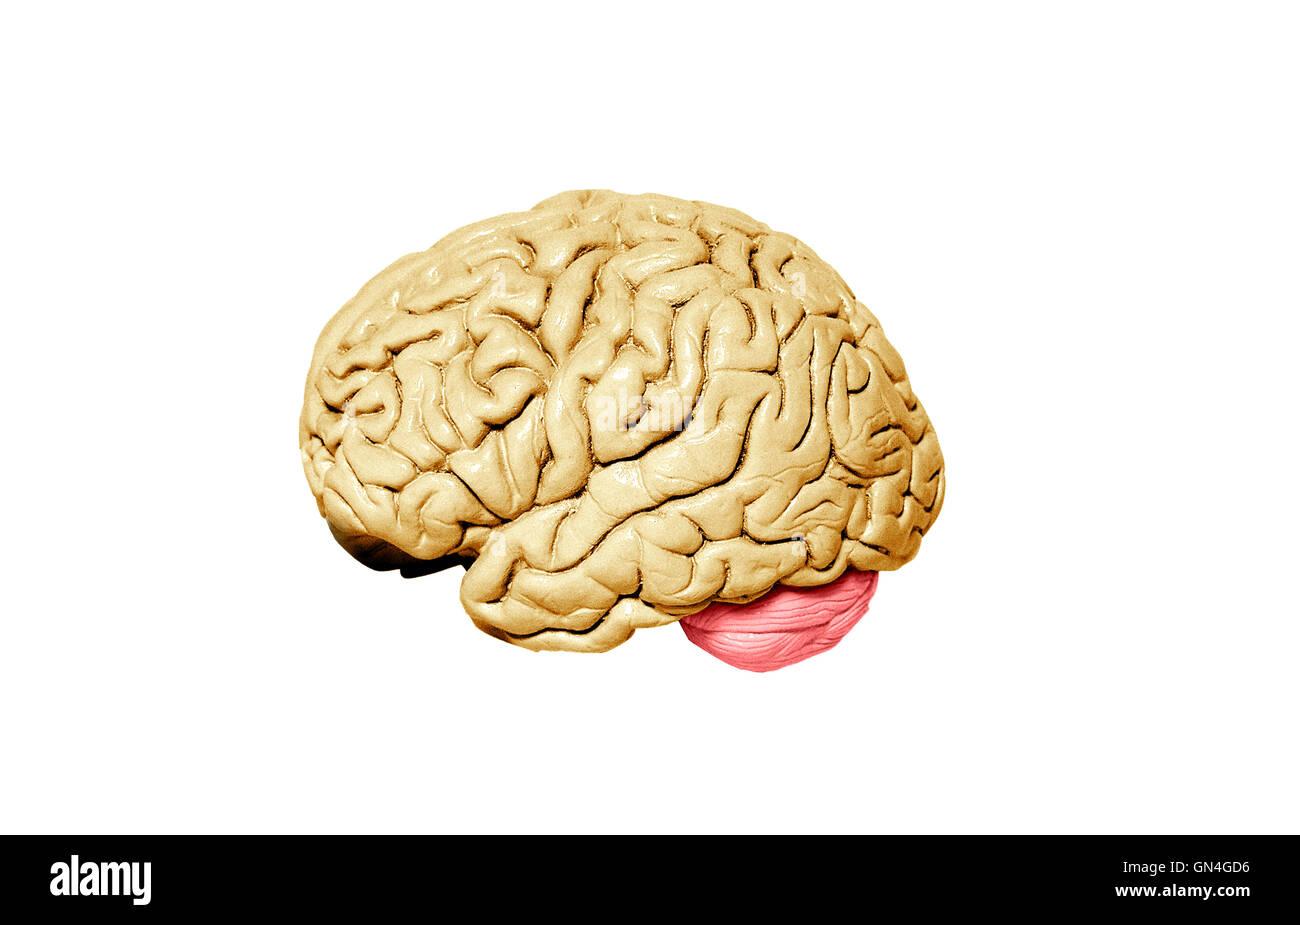 Menschliche Gehirn Modell auf weißem Hintergrund Stockfoto, Bild ...